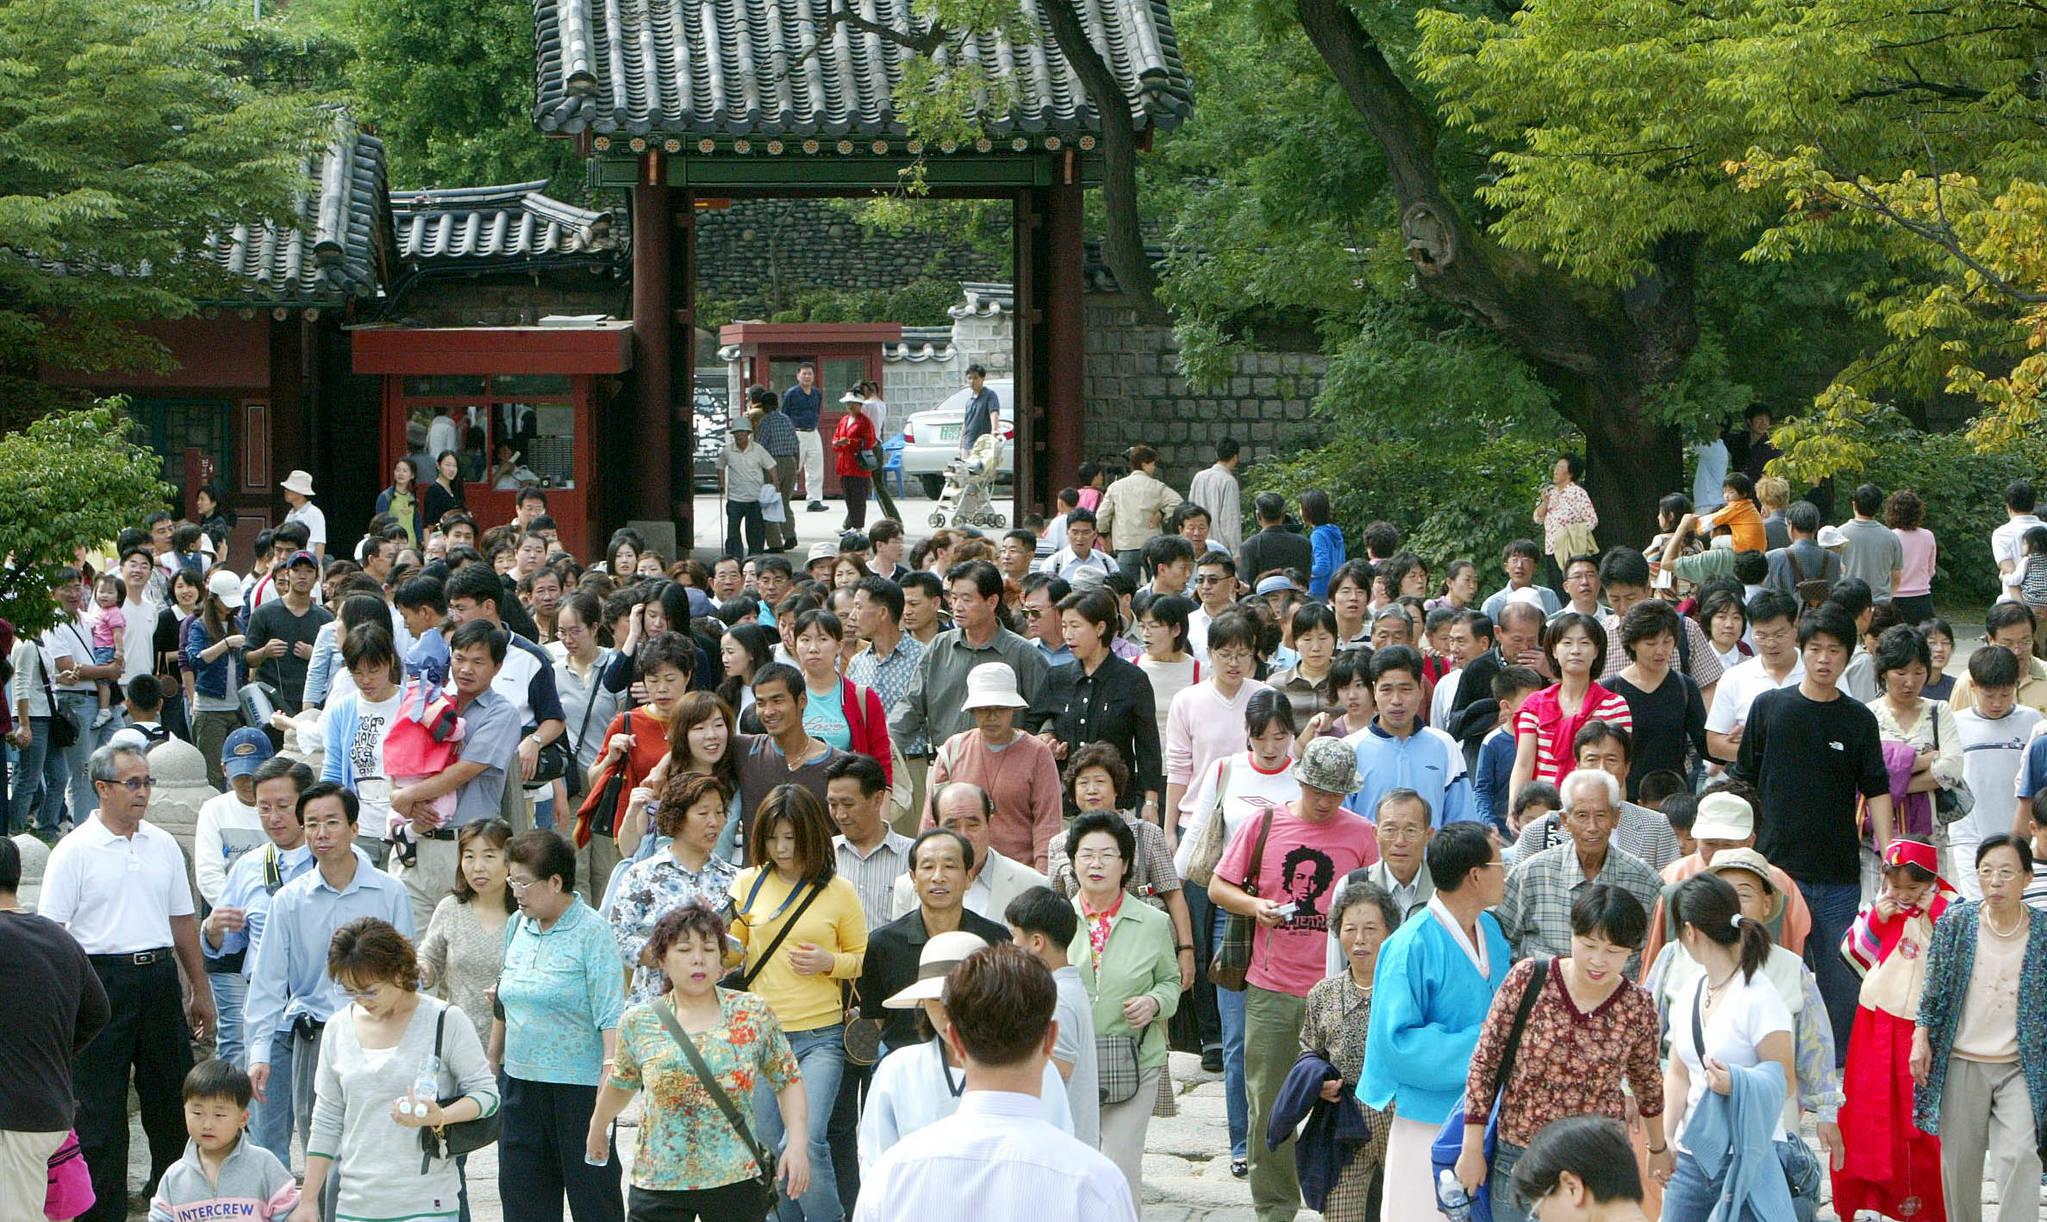 2004년 추석날인 9월28일 창덕궁을 찾은 시민들.[중앙포토]